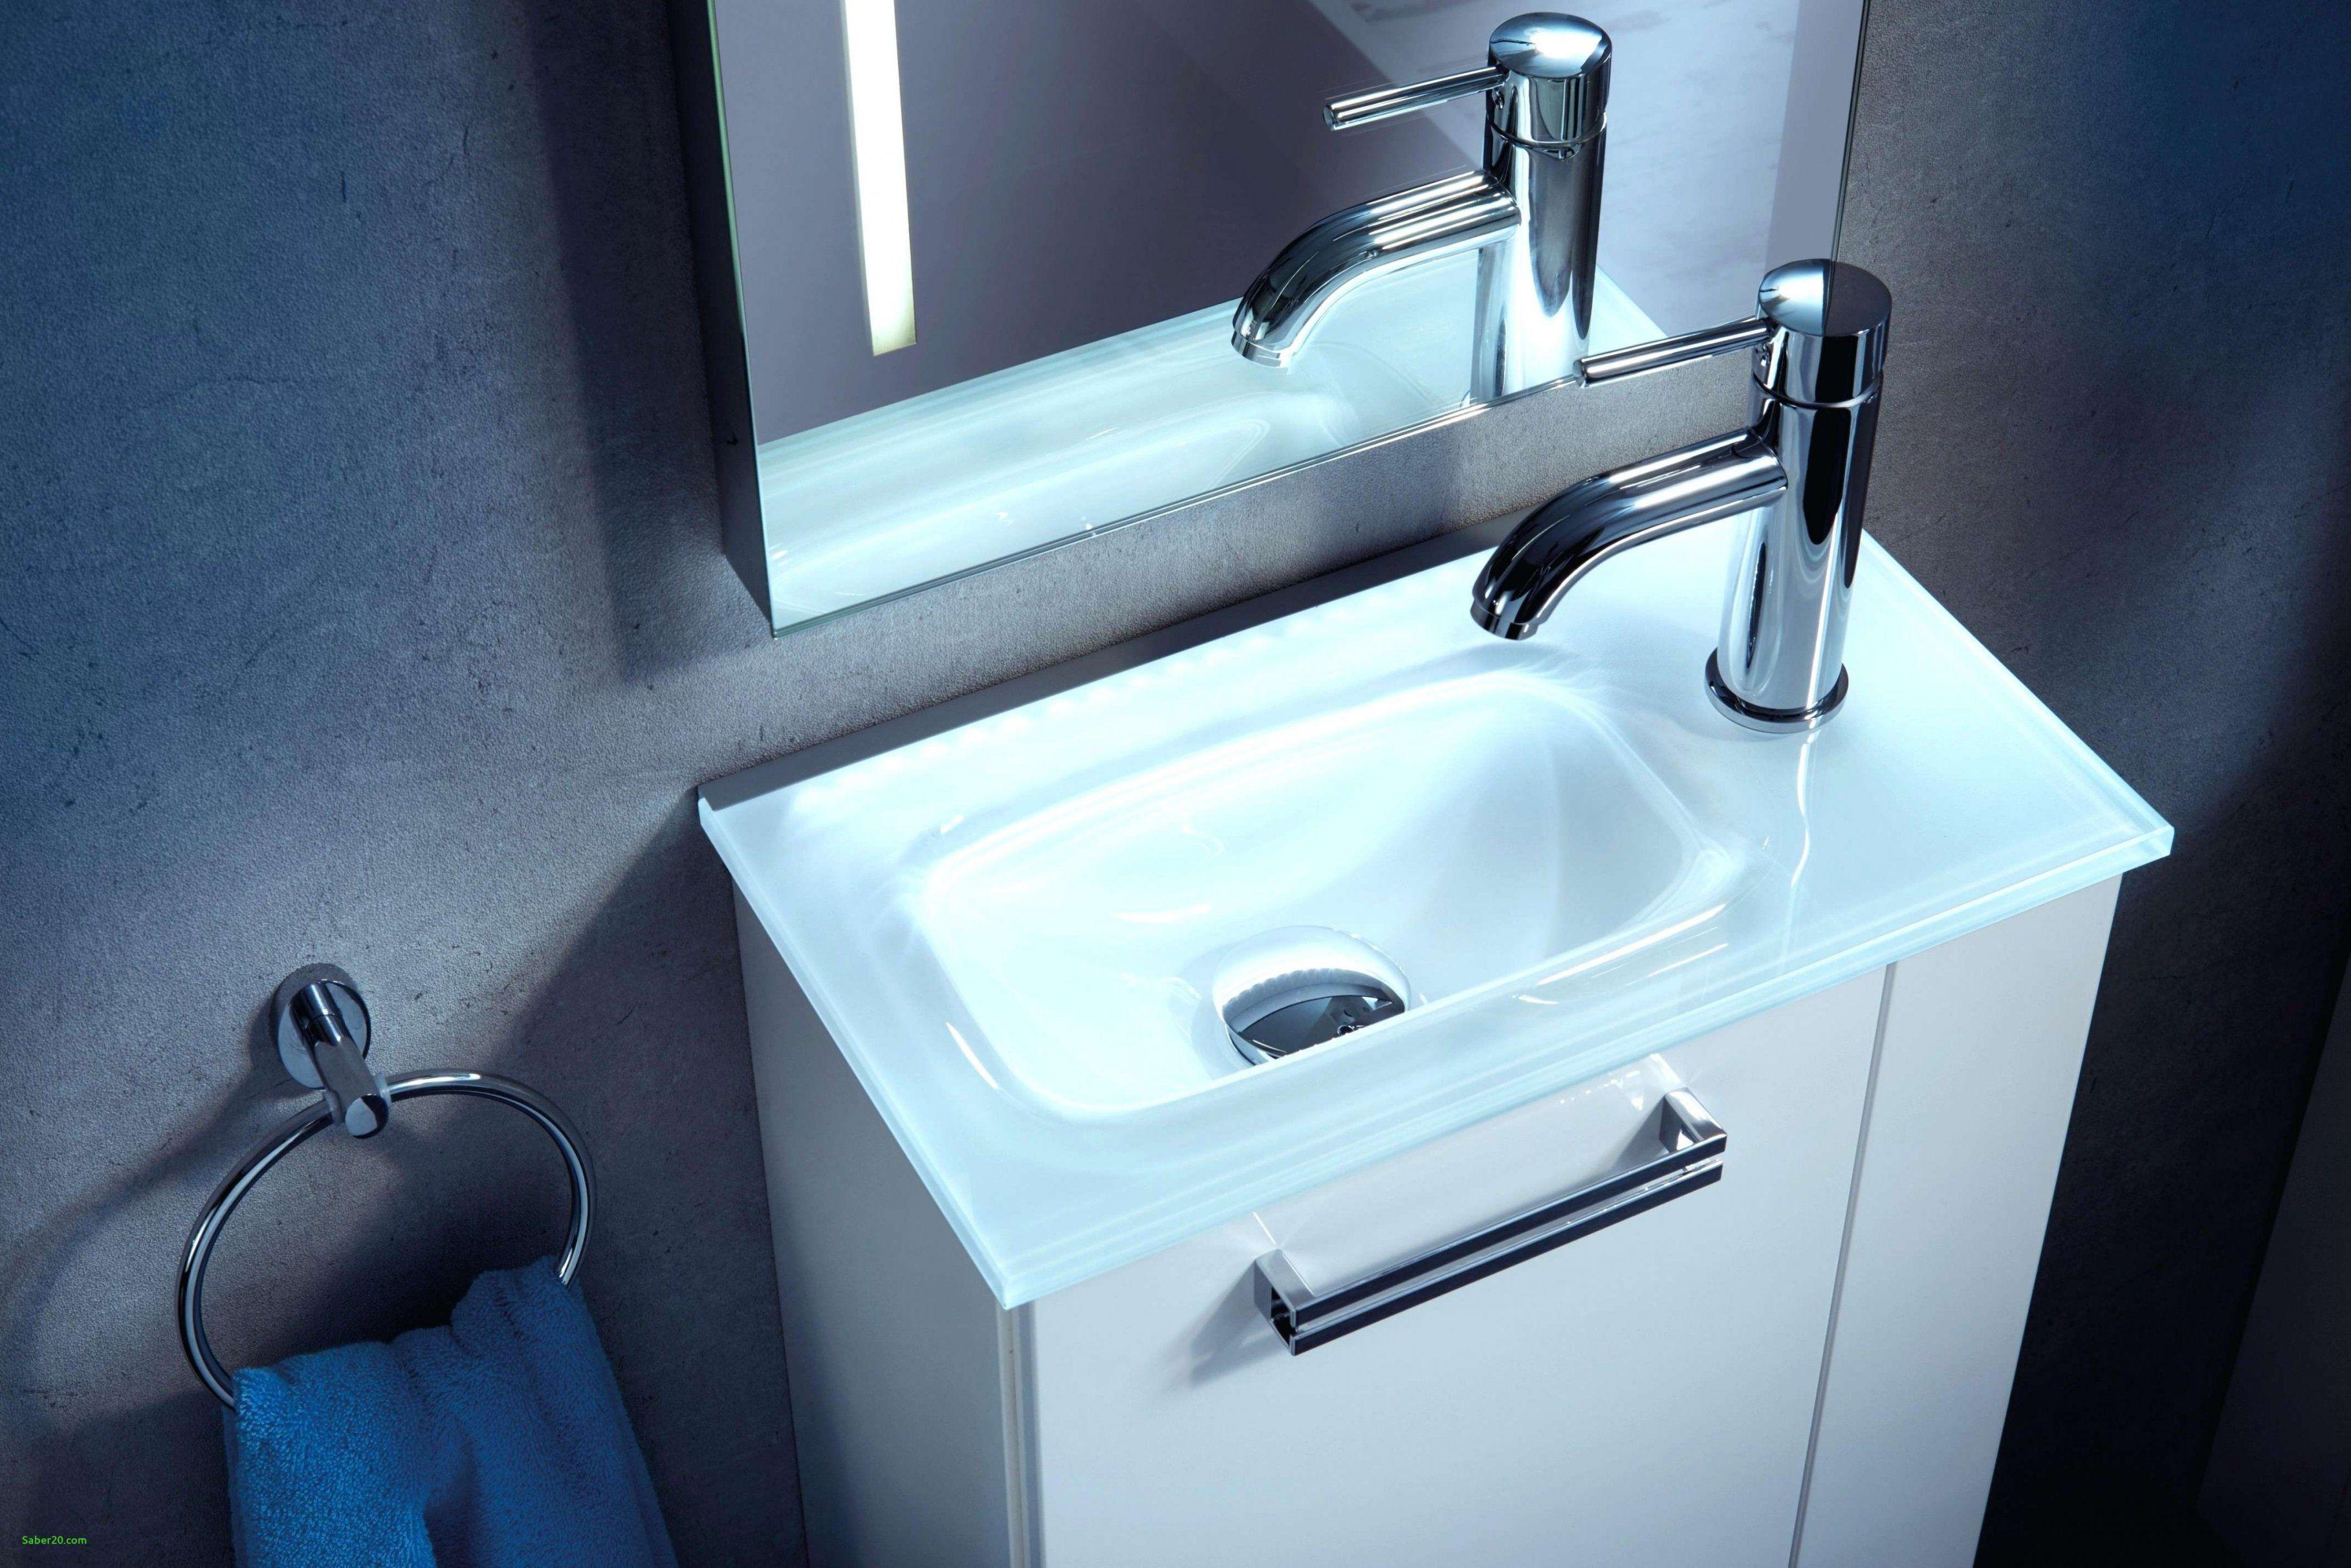 Bauhaus Spule Mit Unterschrank New Kuhlstes Ikea Spule Mit Von Waschbecken Mit Unterschrank Bauhaus Waschbeckenunterschrank Waschbecken Spule Mit Unterschrank